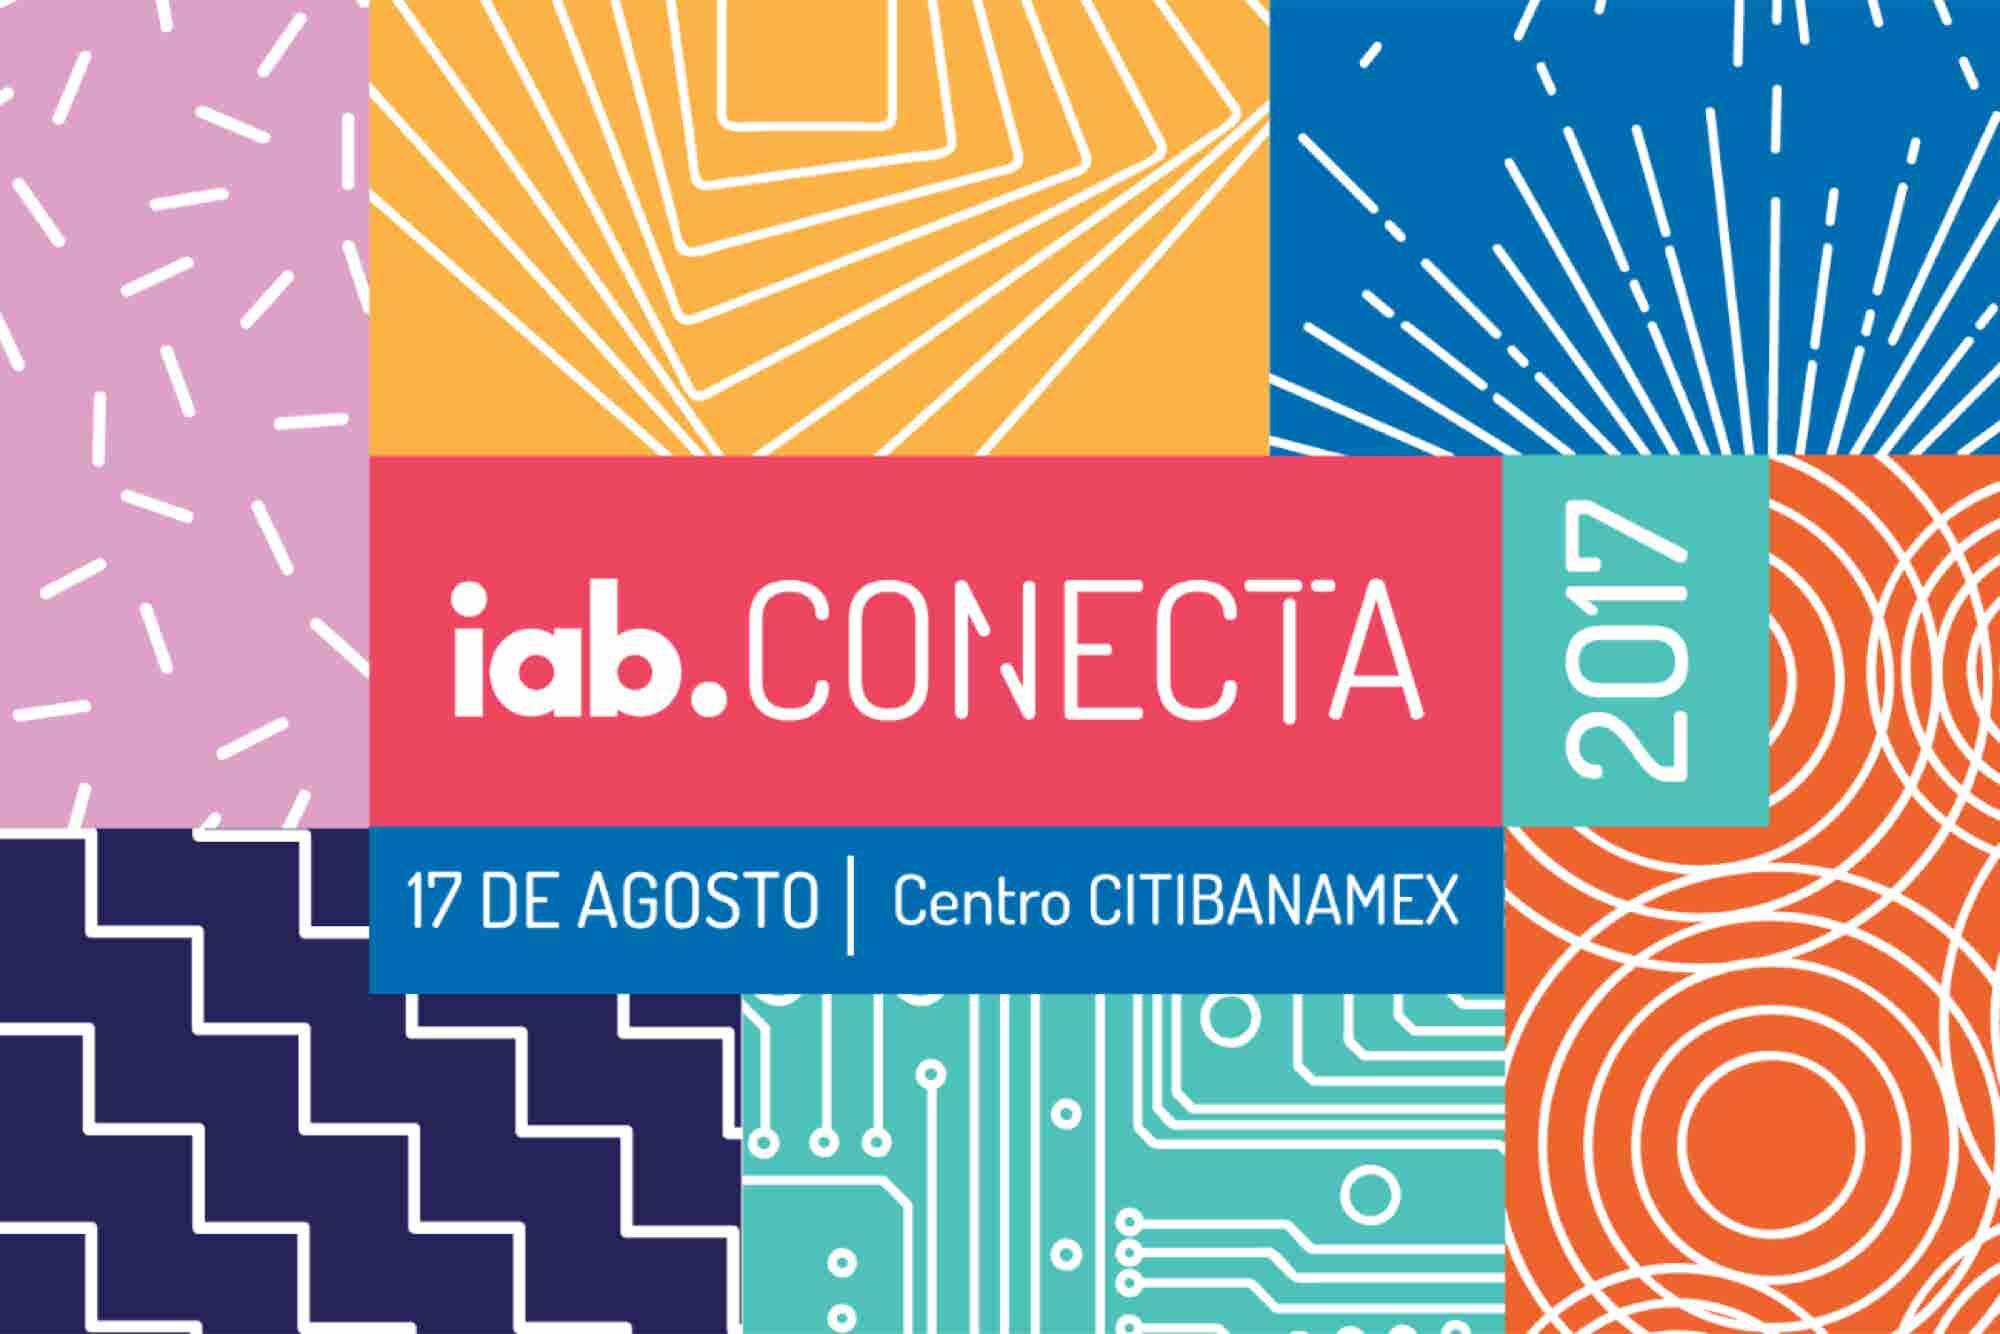 ¡Llega el mayor evento de publicidad digital del año: IAB Conecta 2017!